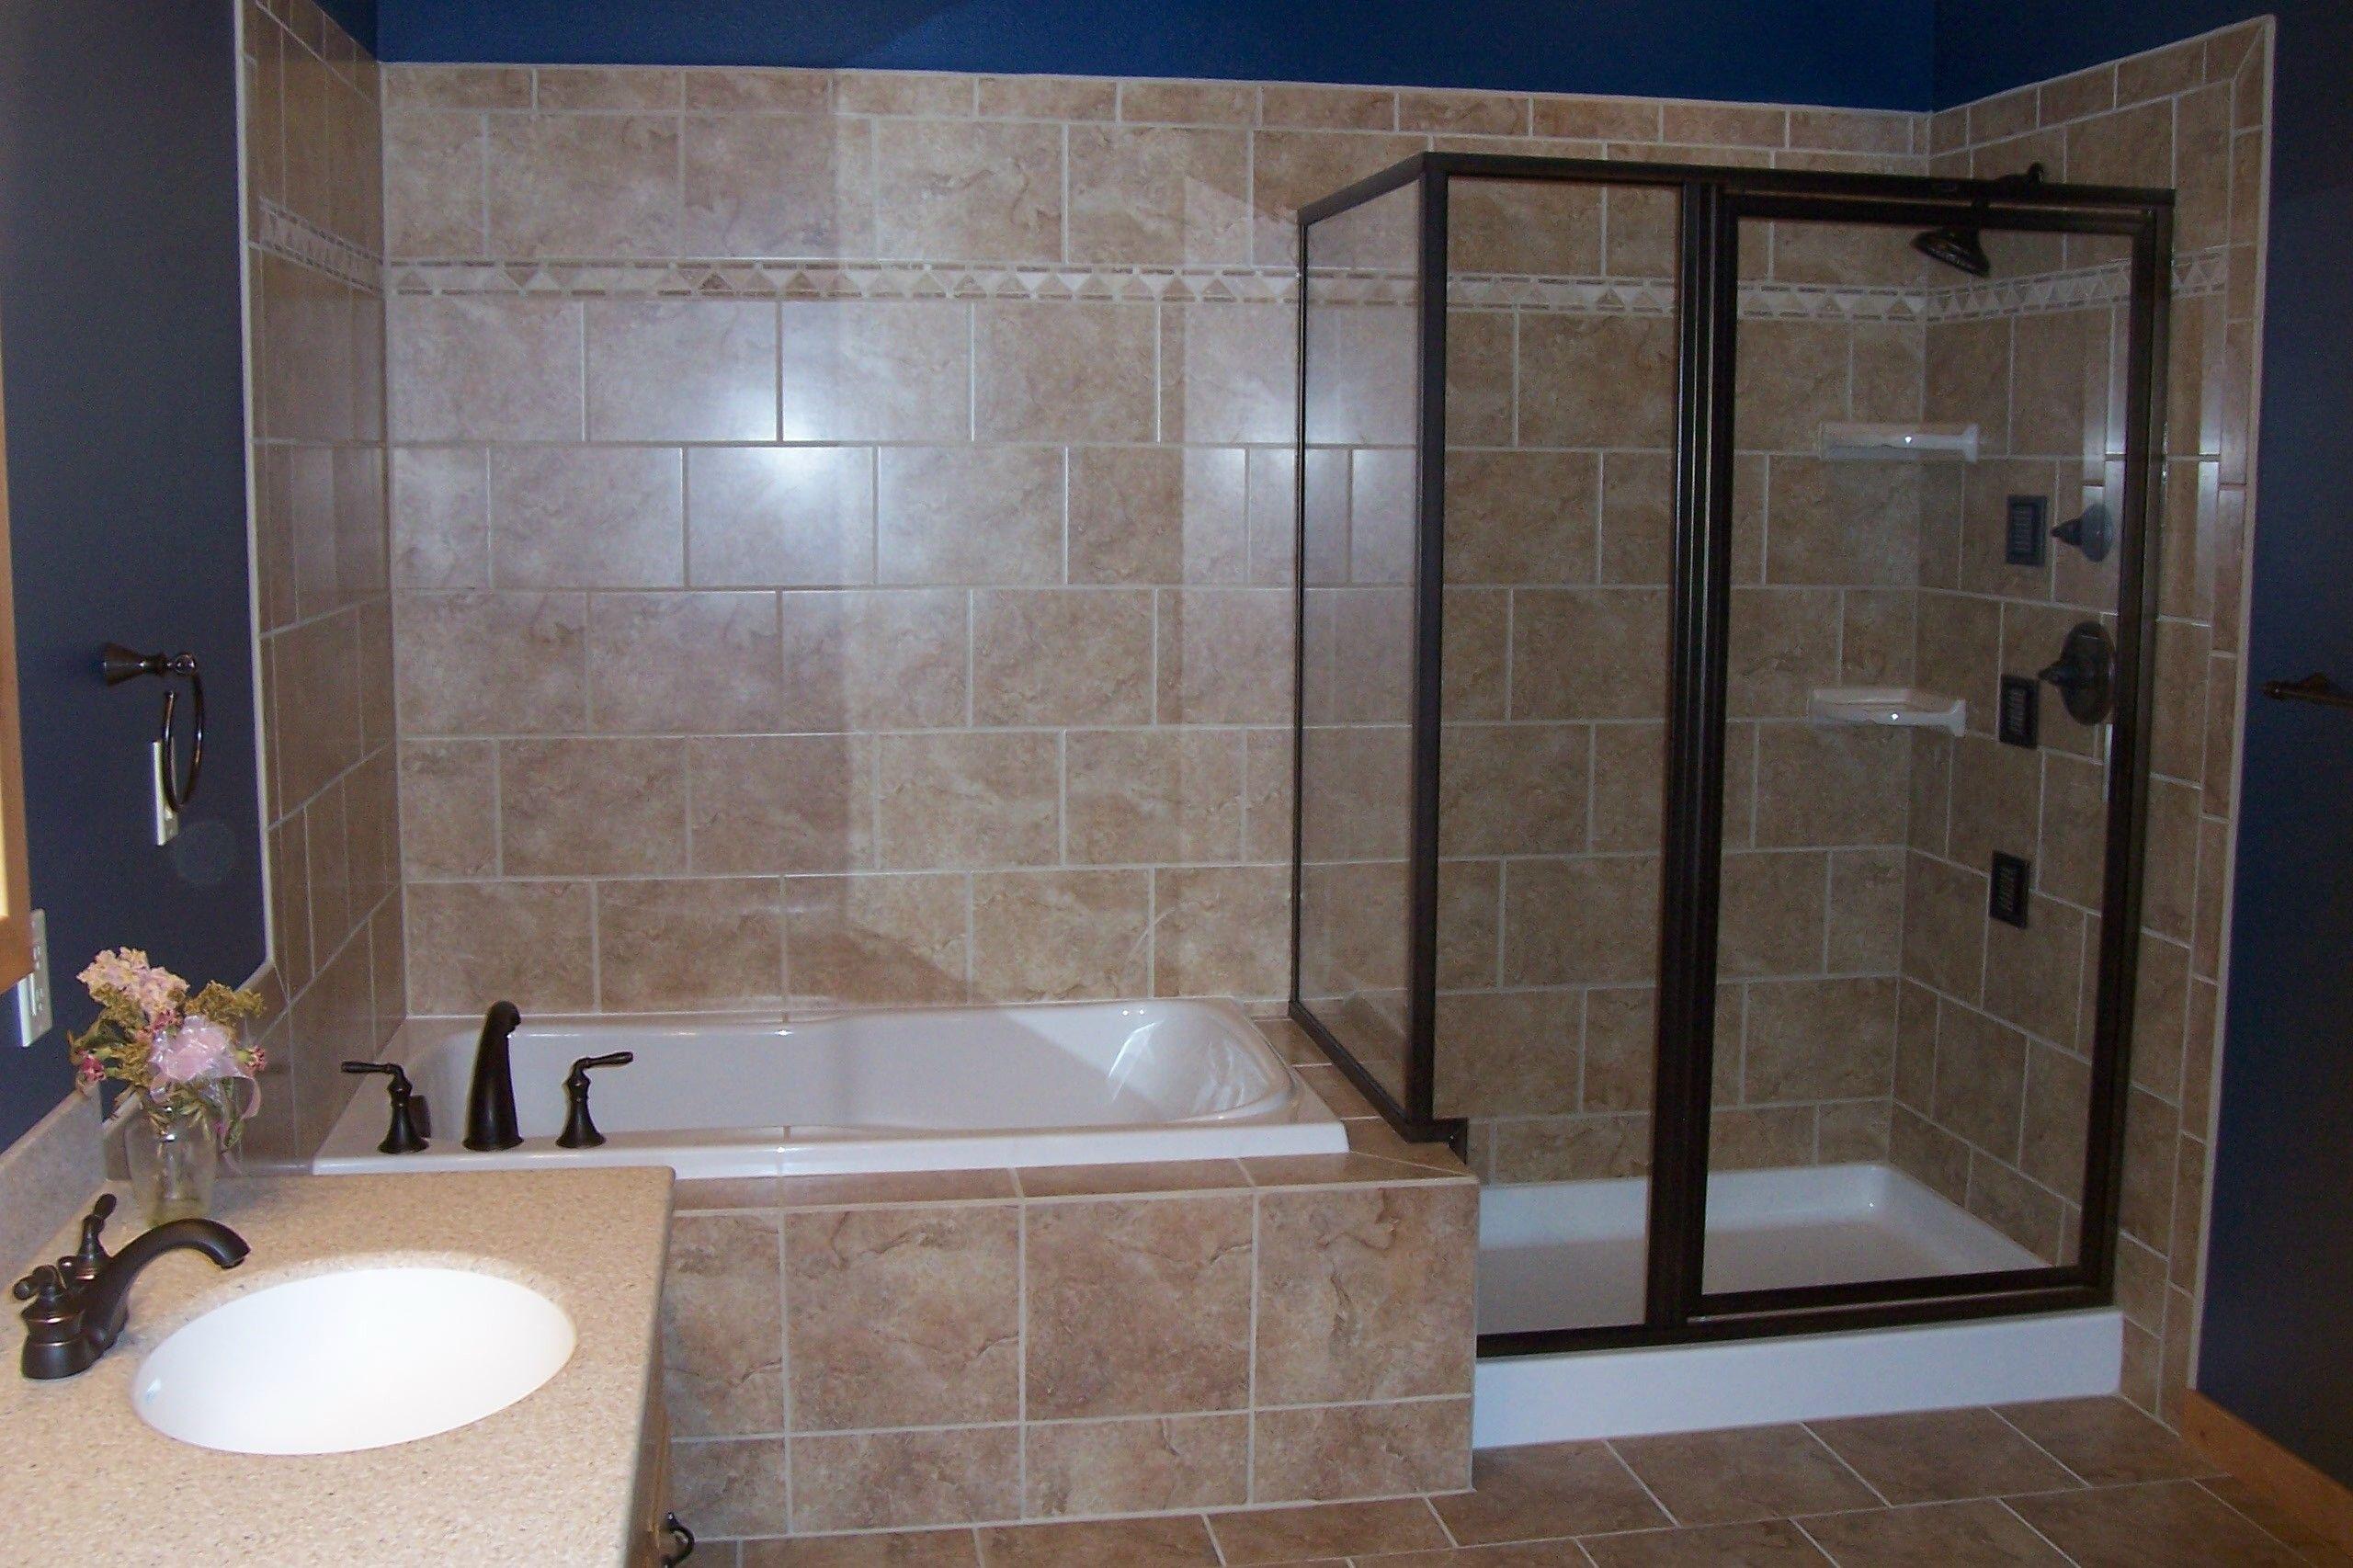 Cottages To Castles Inc Corner Bathtub Shower Blue Modern Bathrooms Bathtub Shower Combo